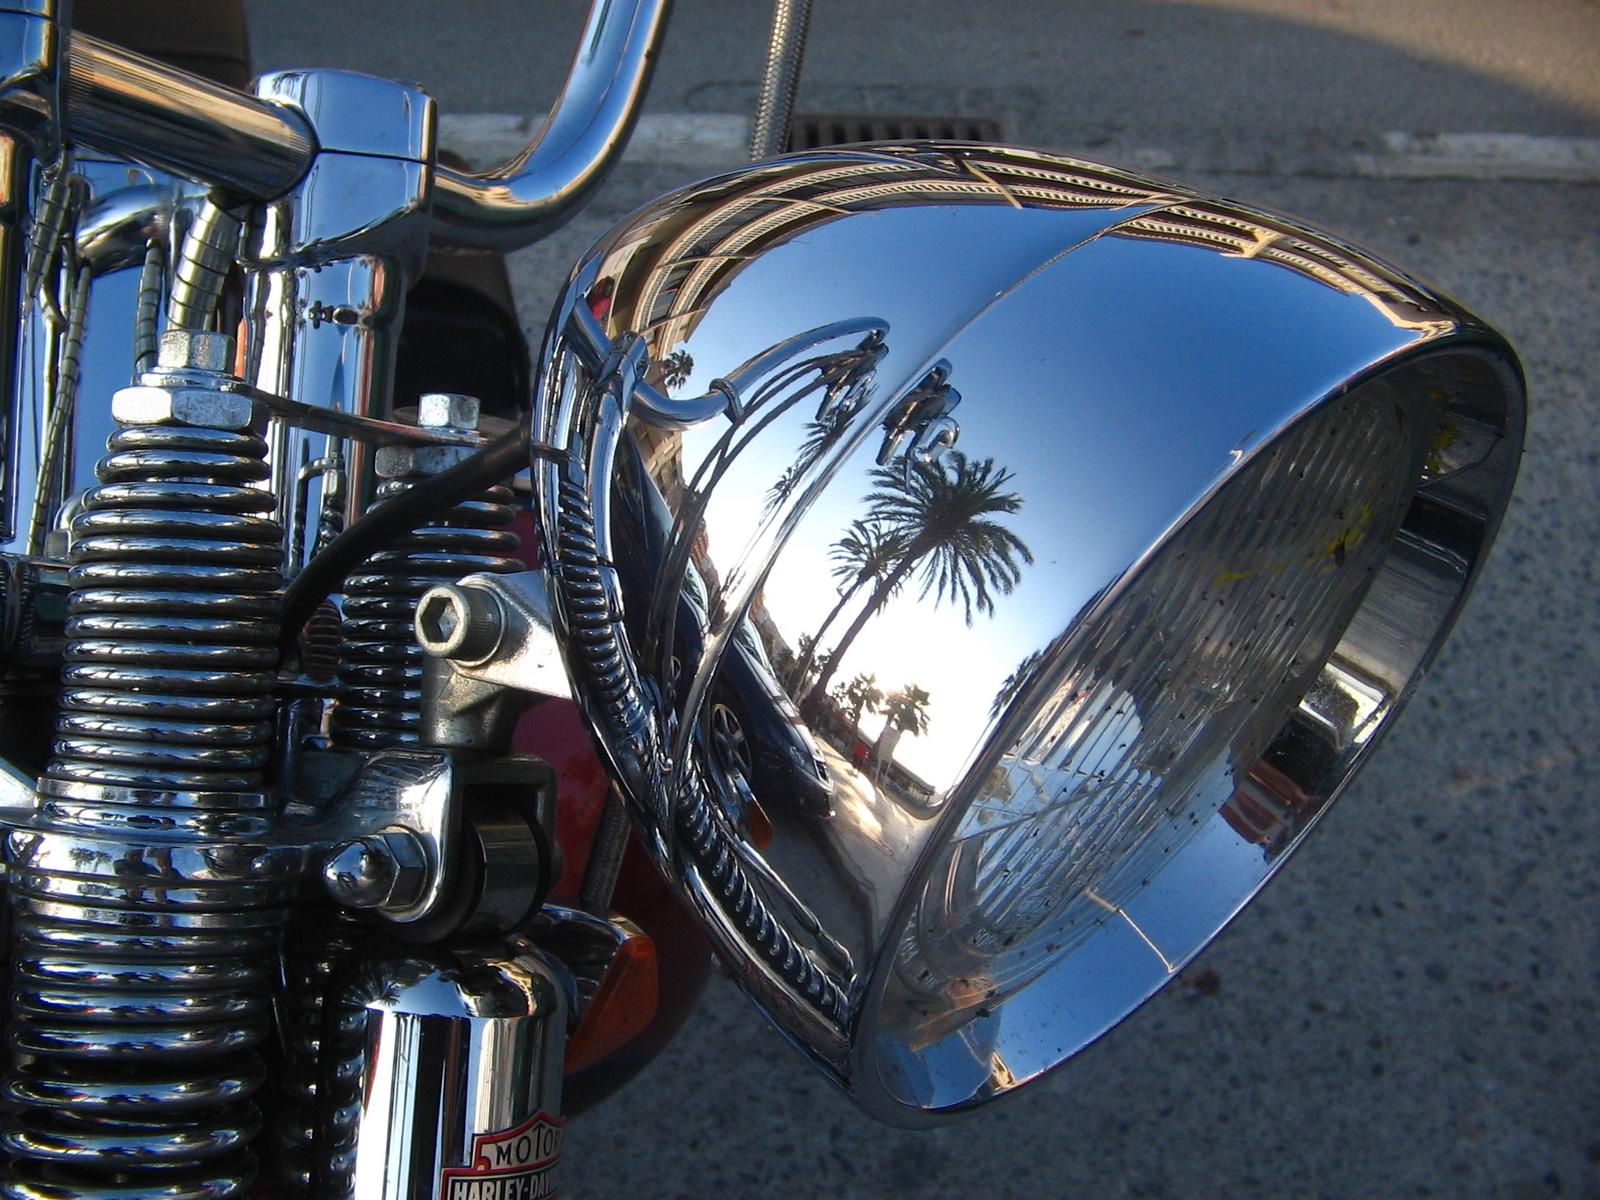 Selling Motorcycles in Oceanside